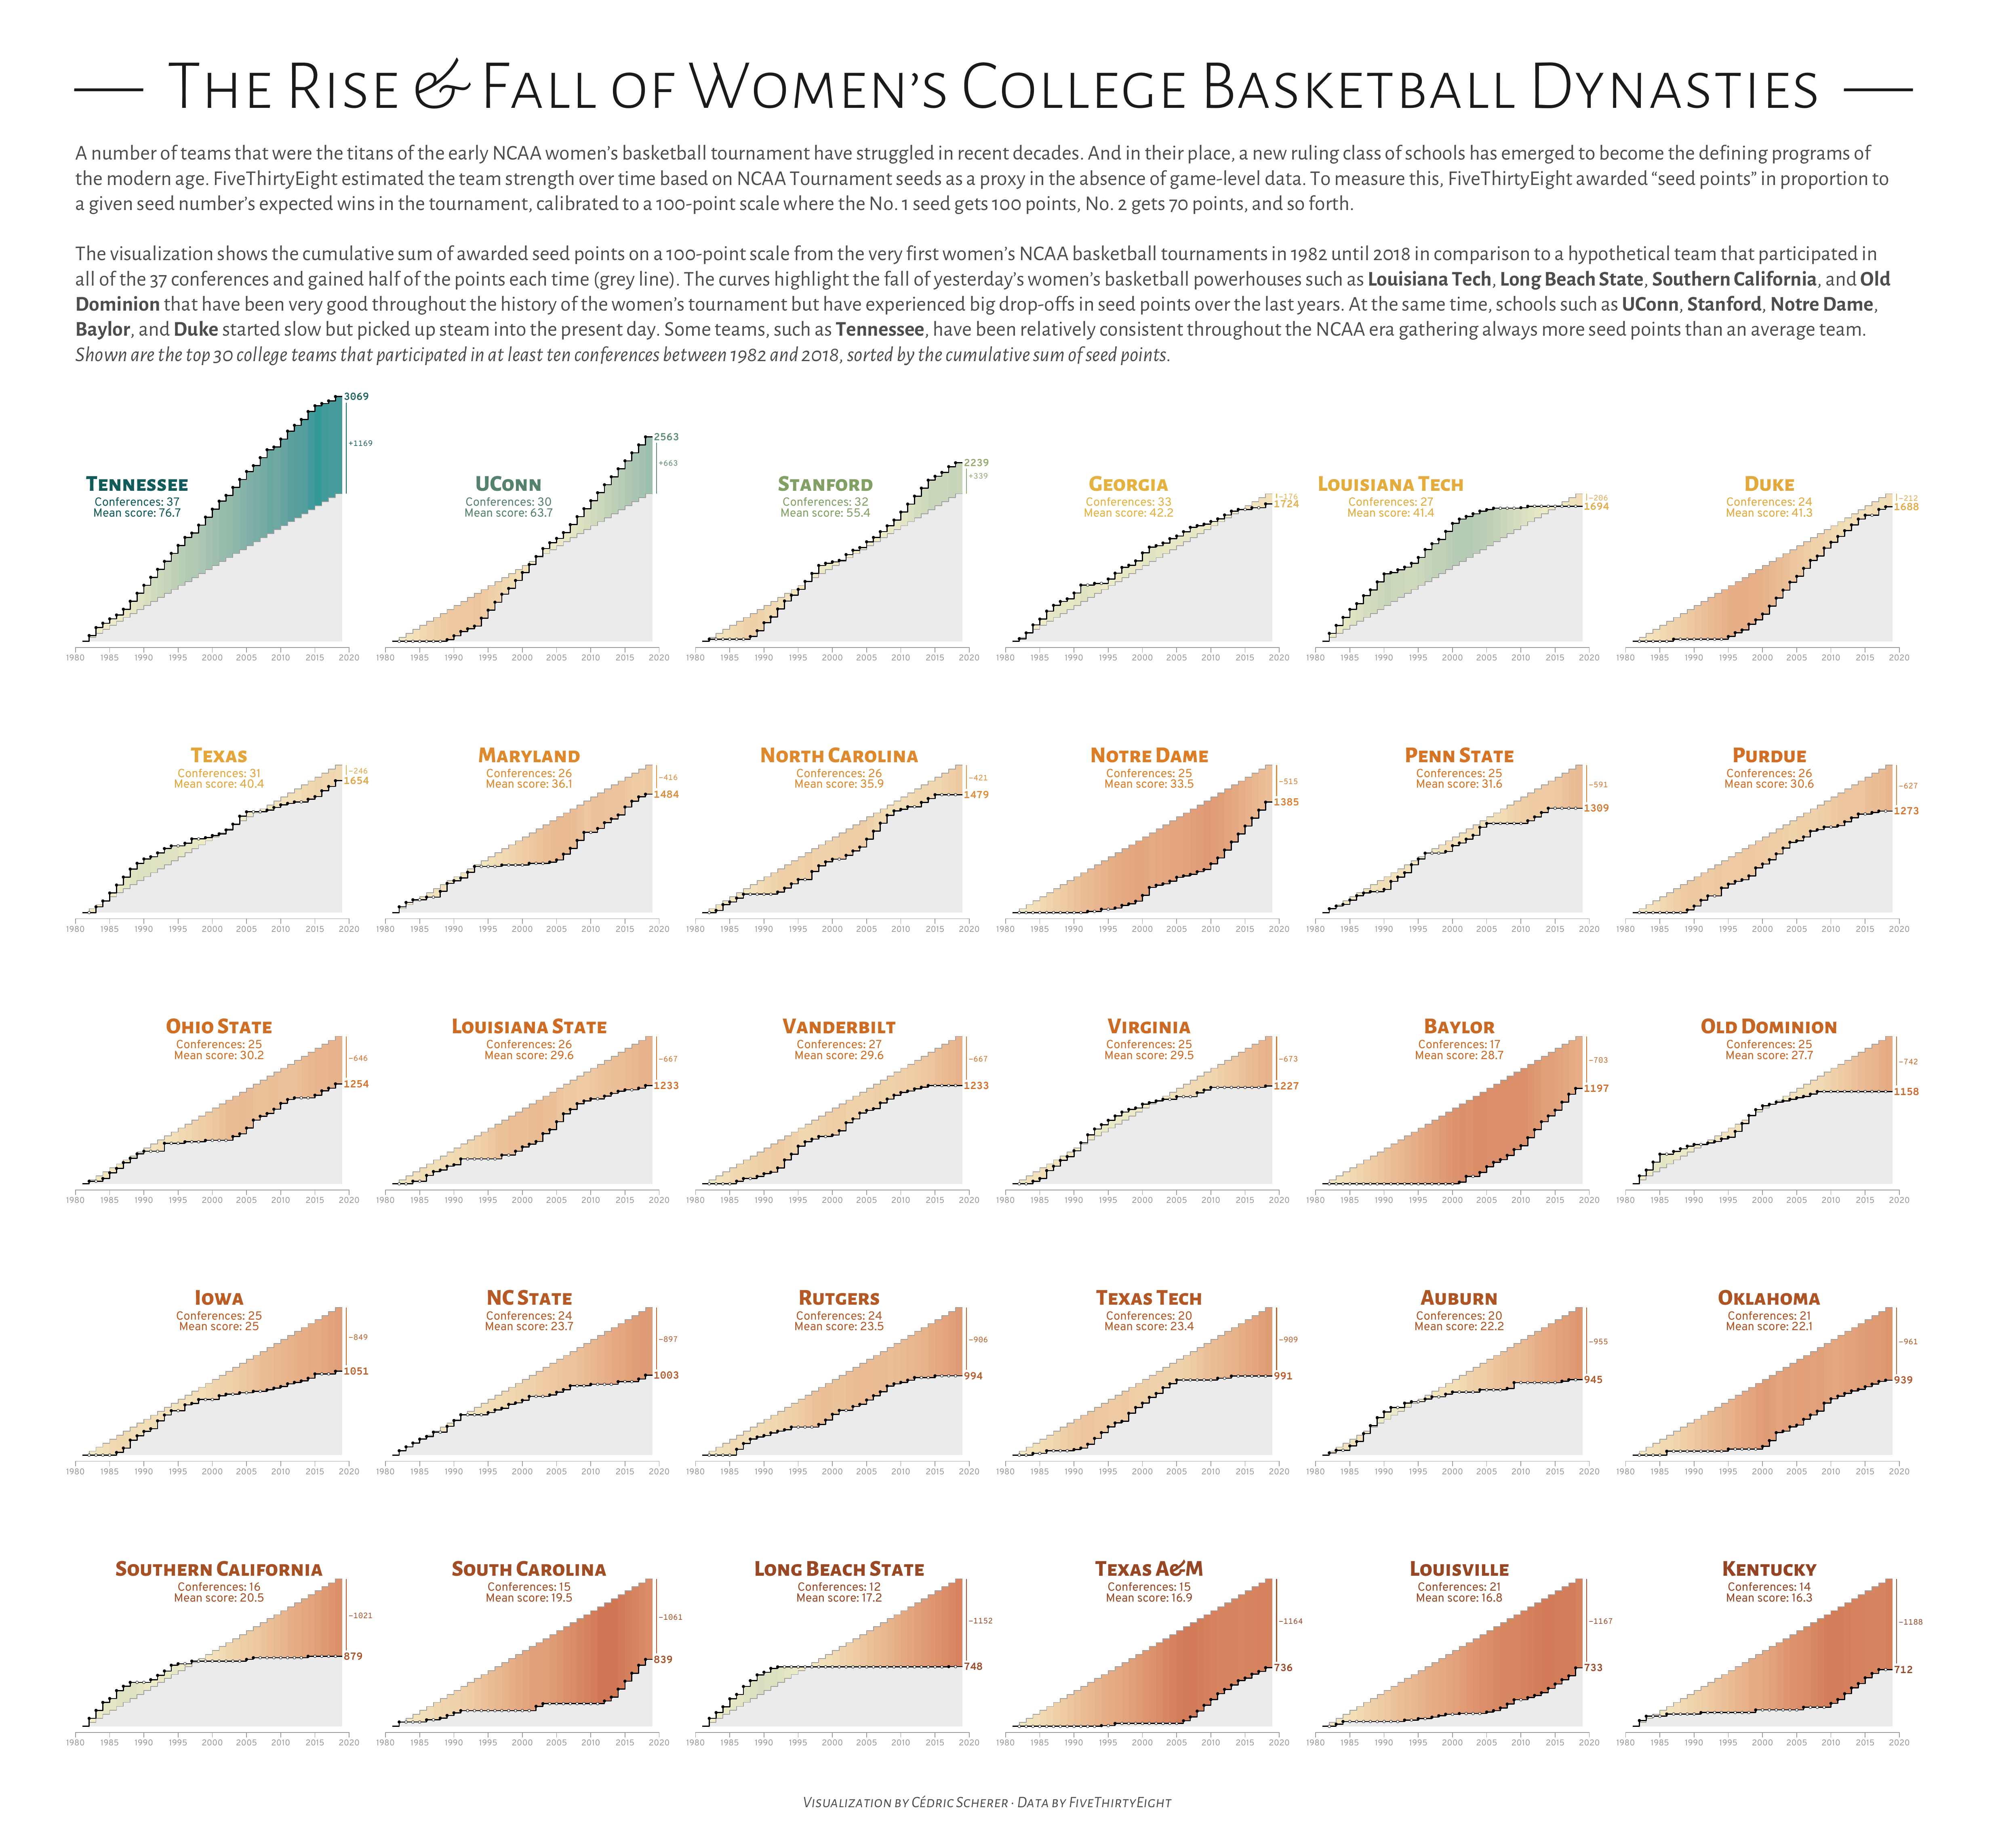 ./plots/2020_41/2020_41_NCAAWomensBasketball.png